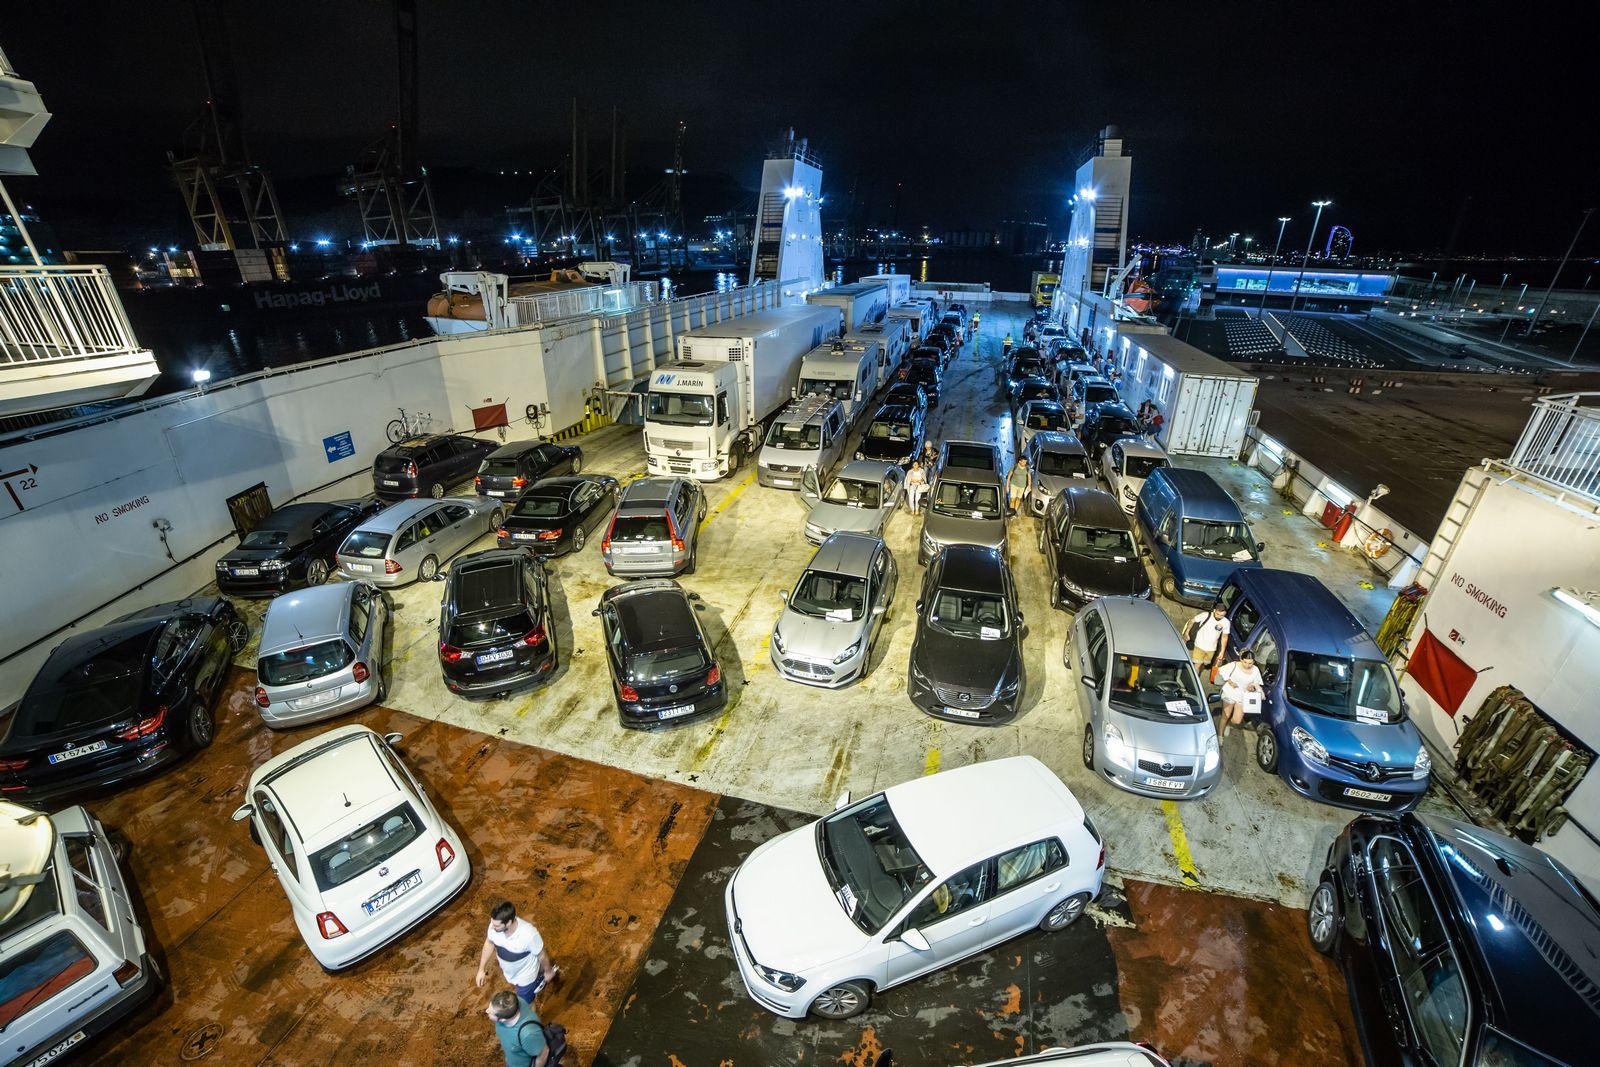 Embarcados y aparcados